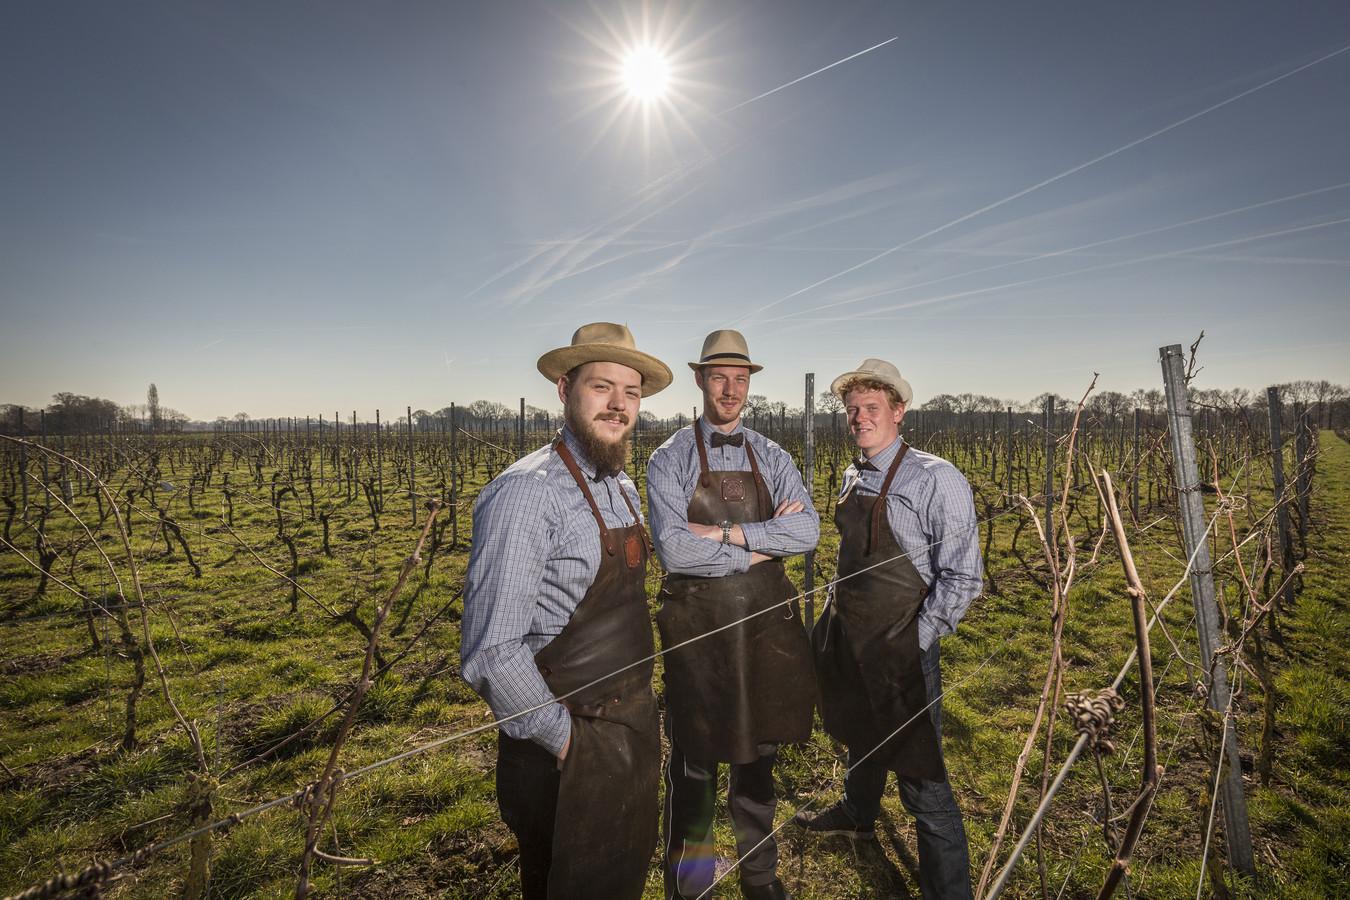 Robert Spenkelink, Jeroen Ziel en Rob Kleinsman in hun wijngaard.